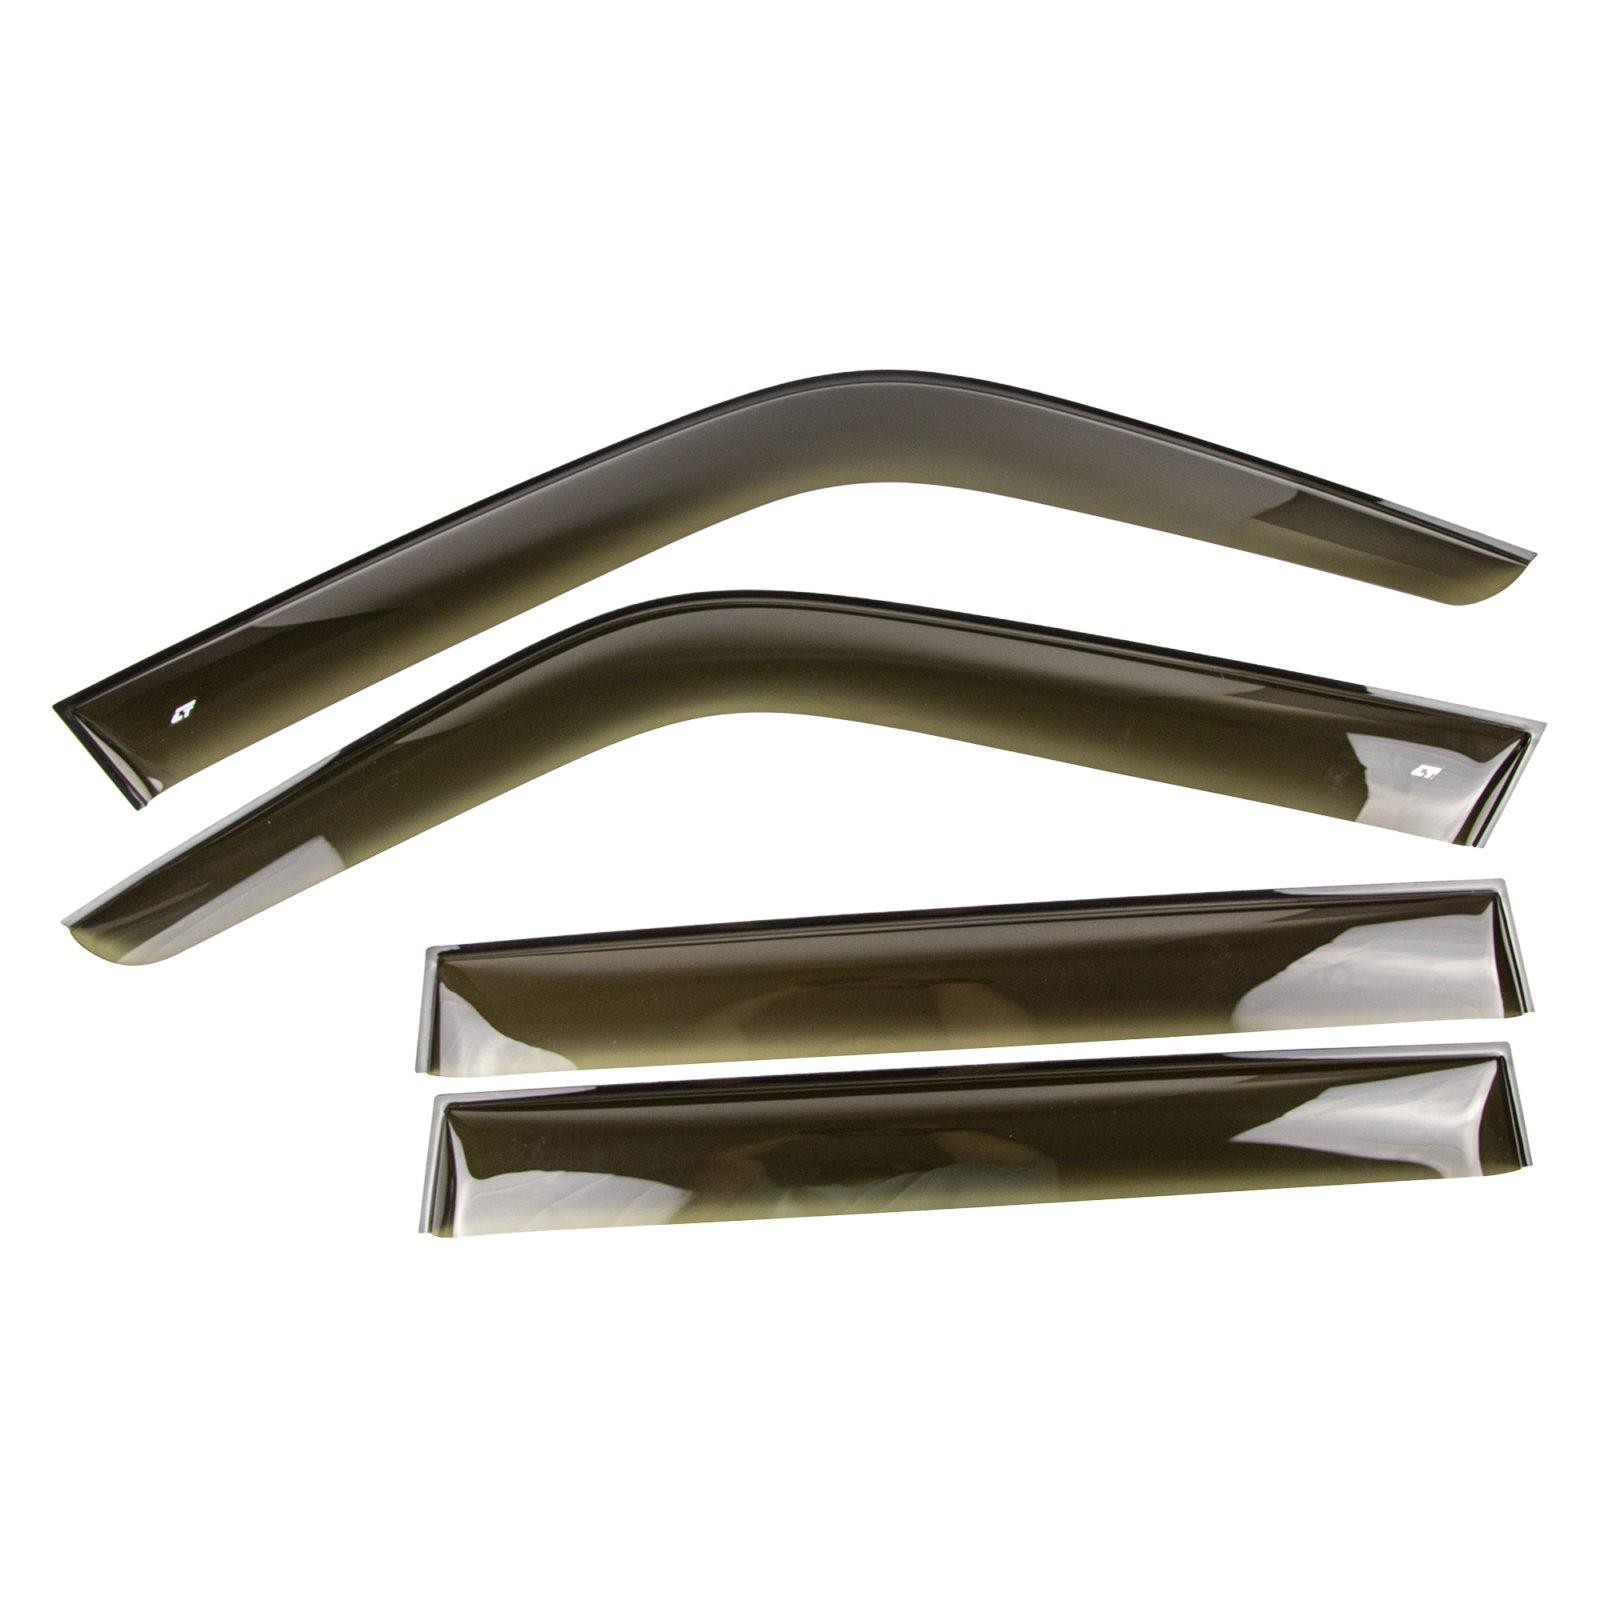 Дефлекторы боковых стекол (ветровики) широкие Cobra Tuning для LADA Niva